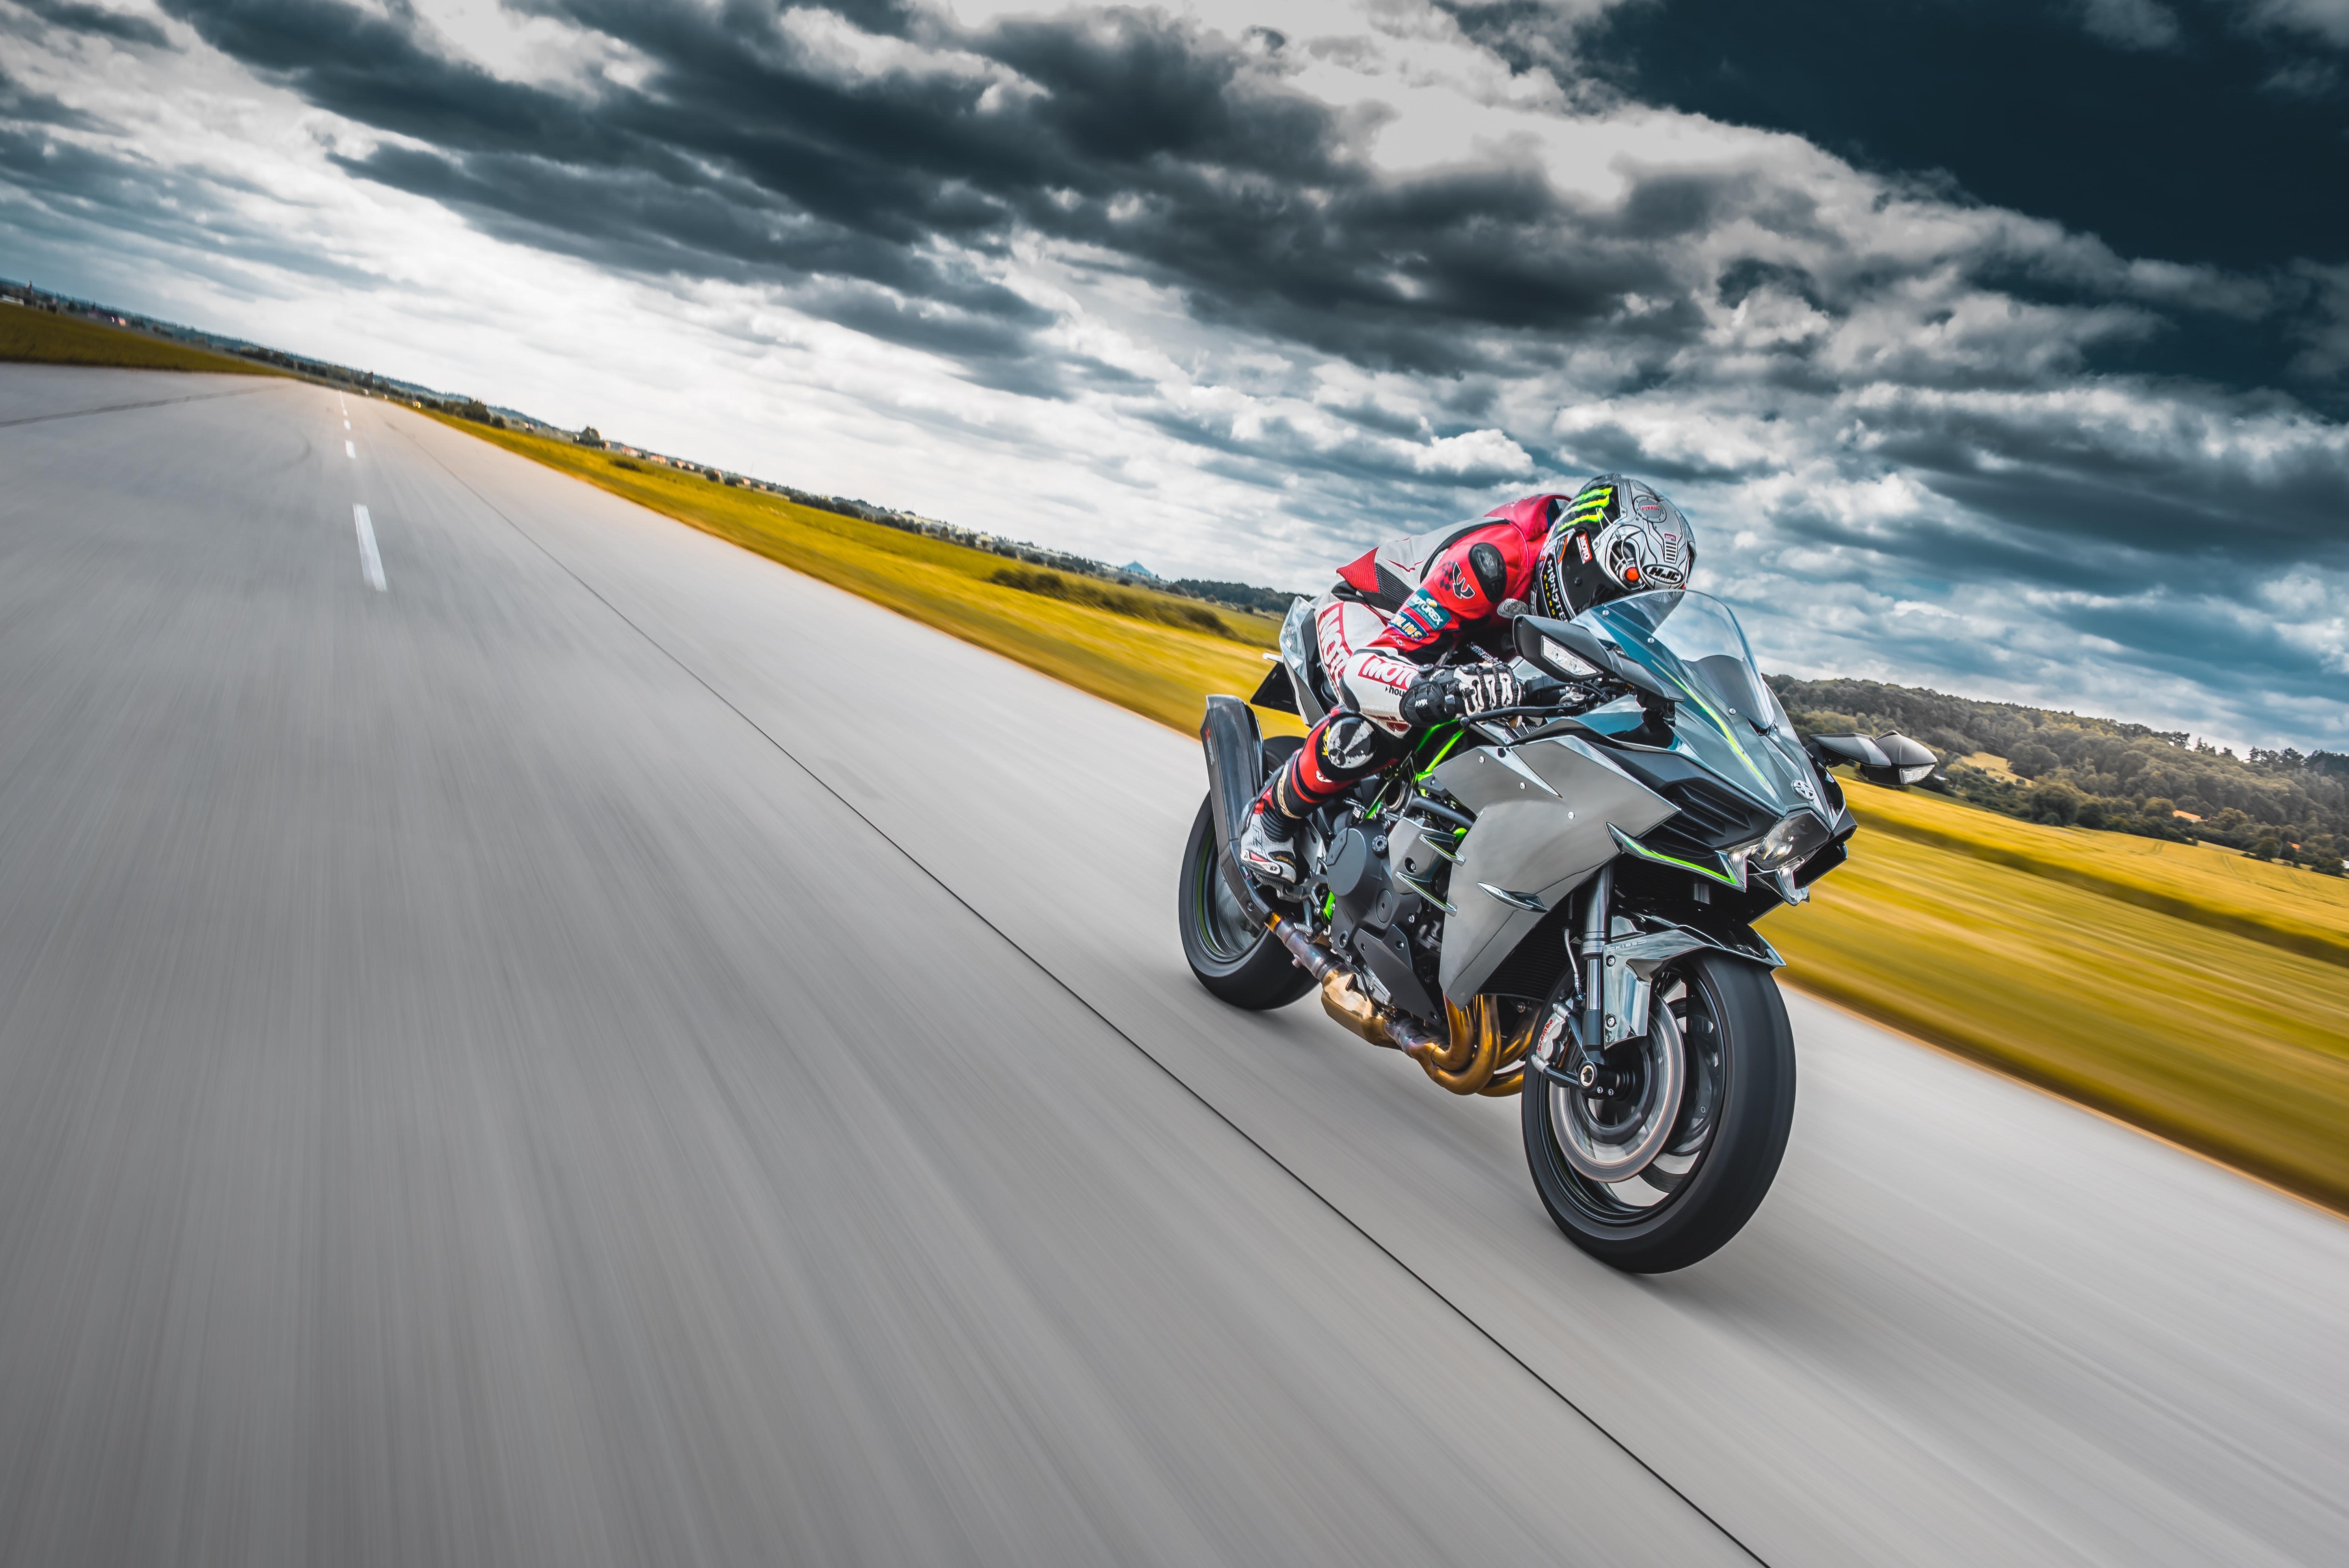 Dit zijn de nieuwe motorkleding trends